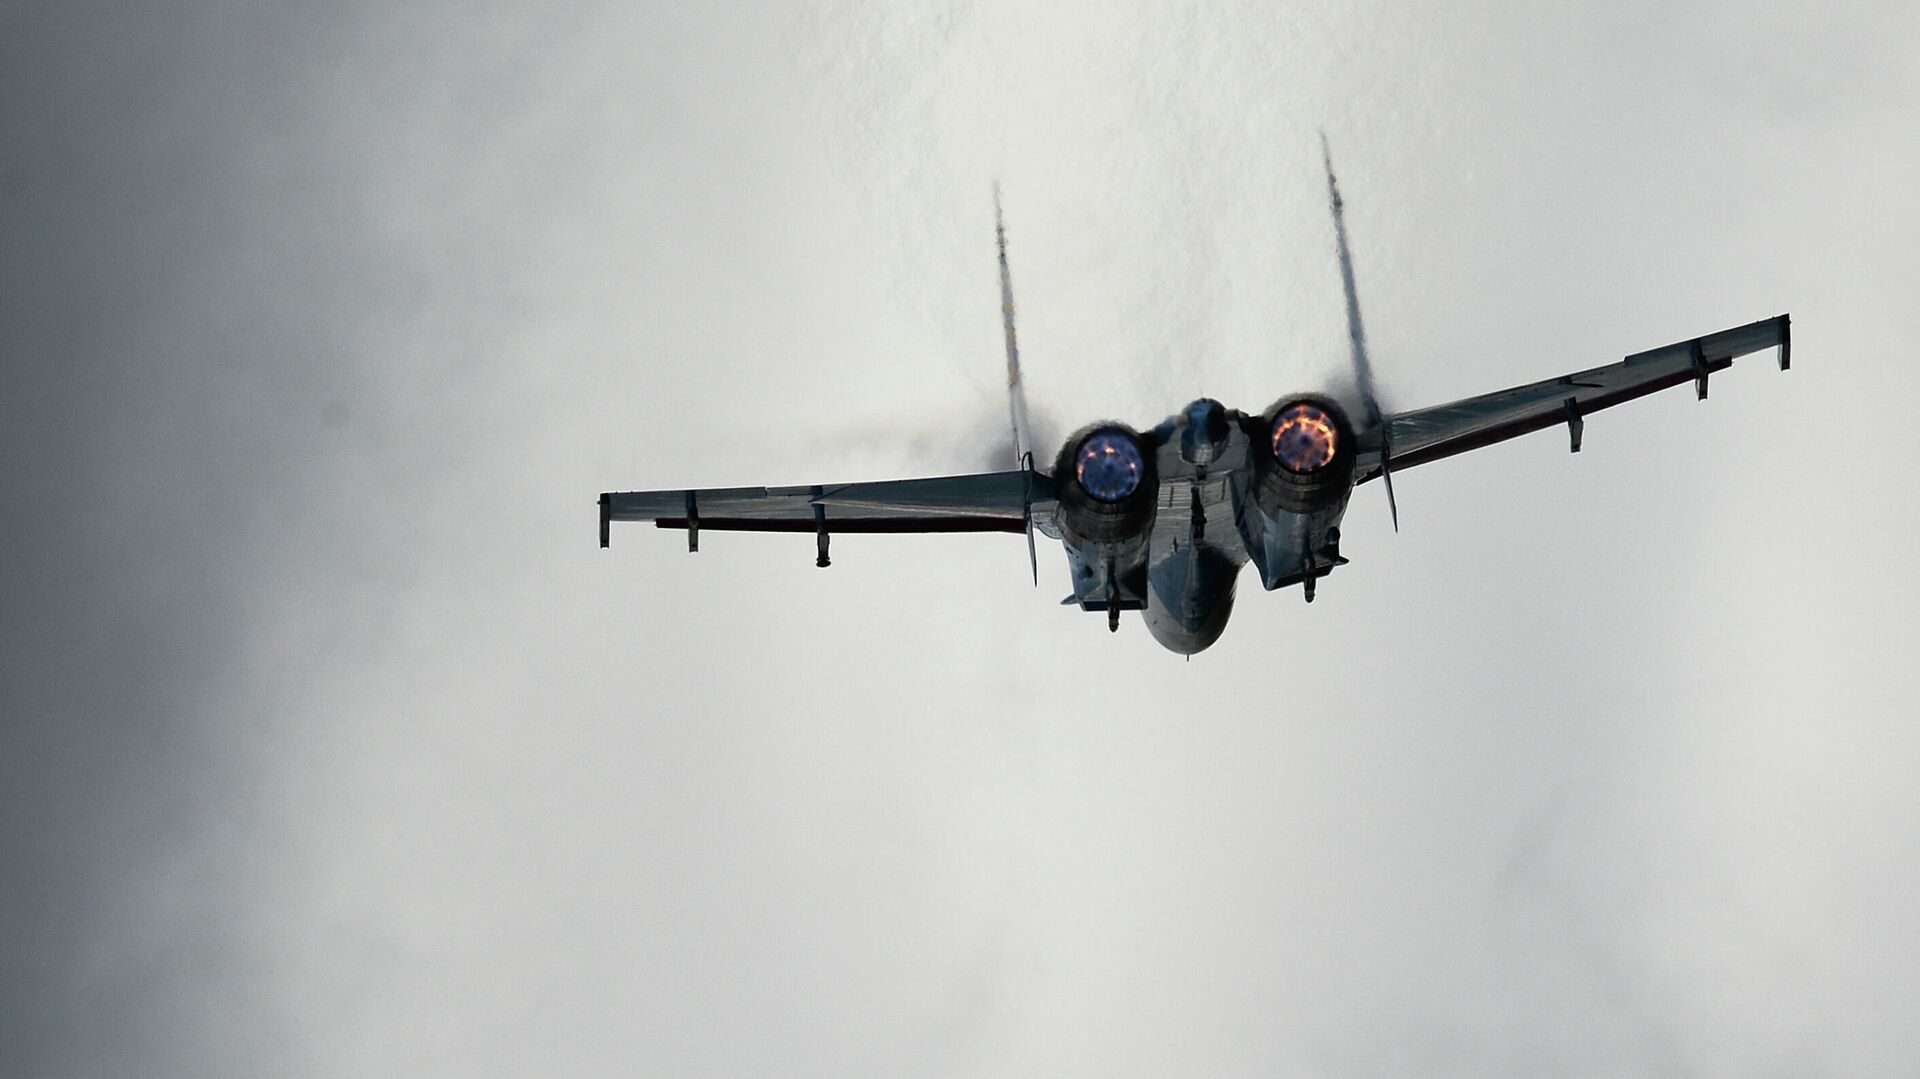 Самолет Су-27 во время показательных учений - РИА Новости, 1920, 09.09.2020